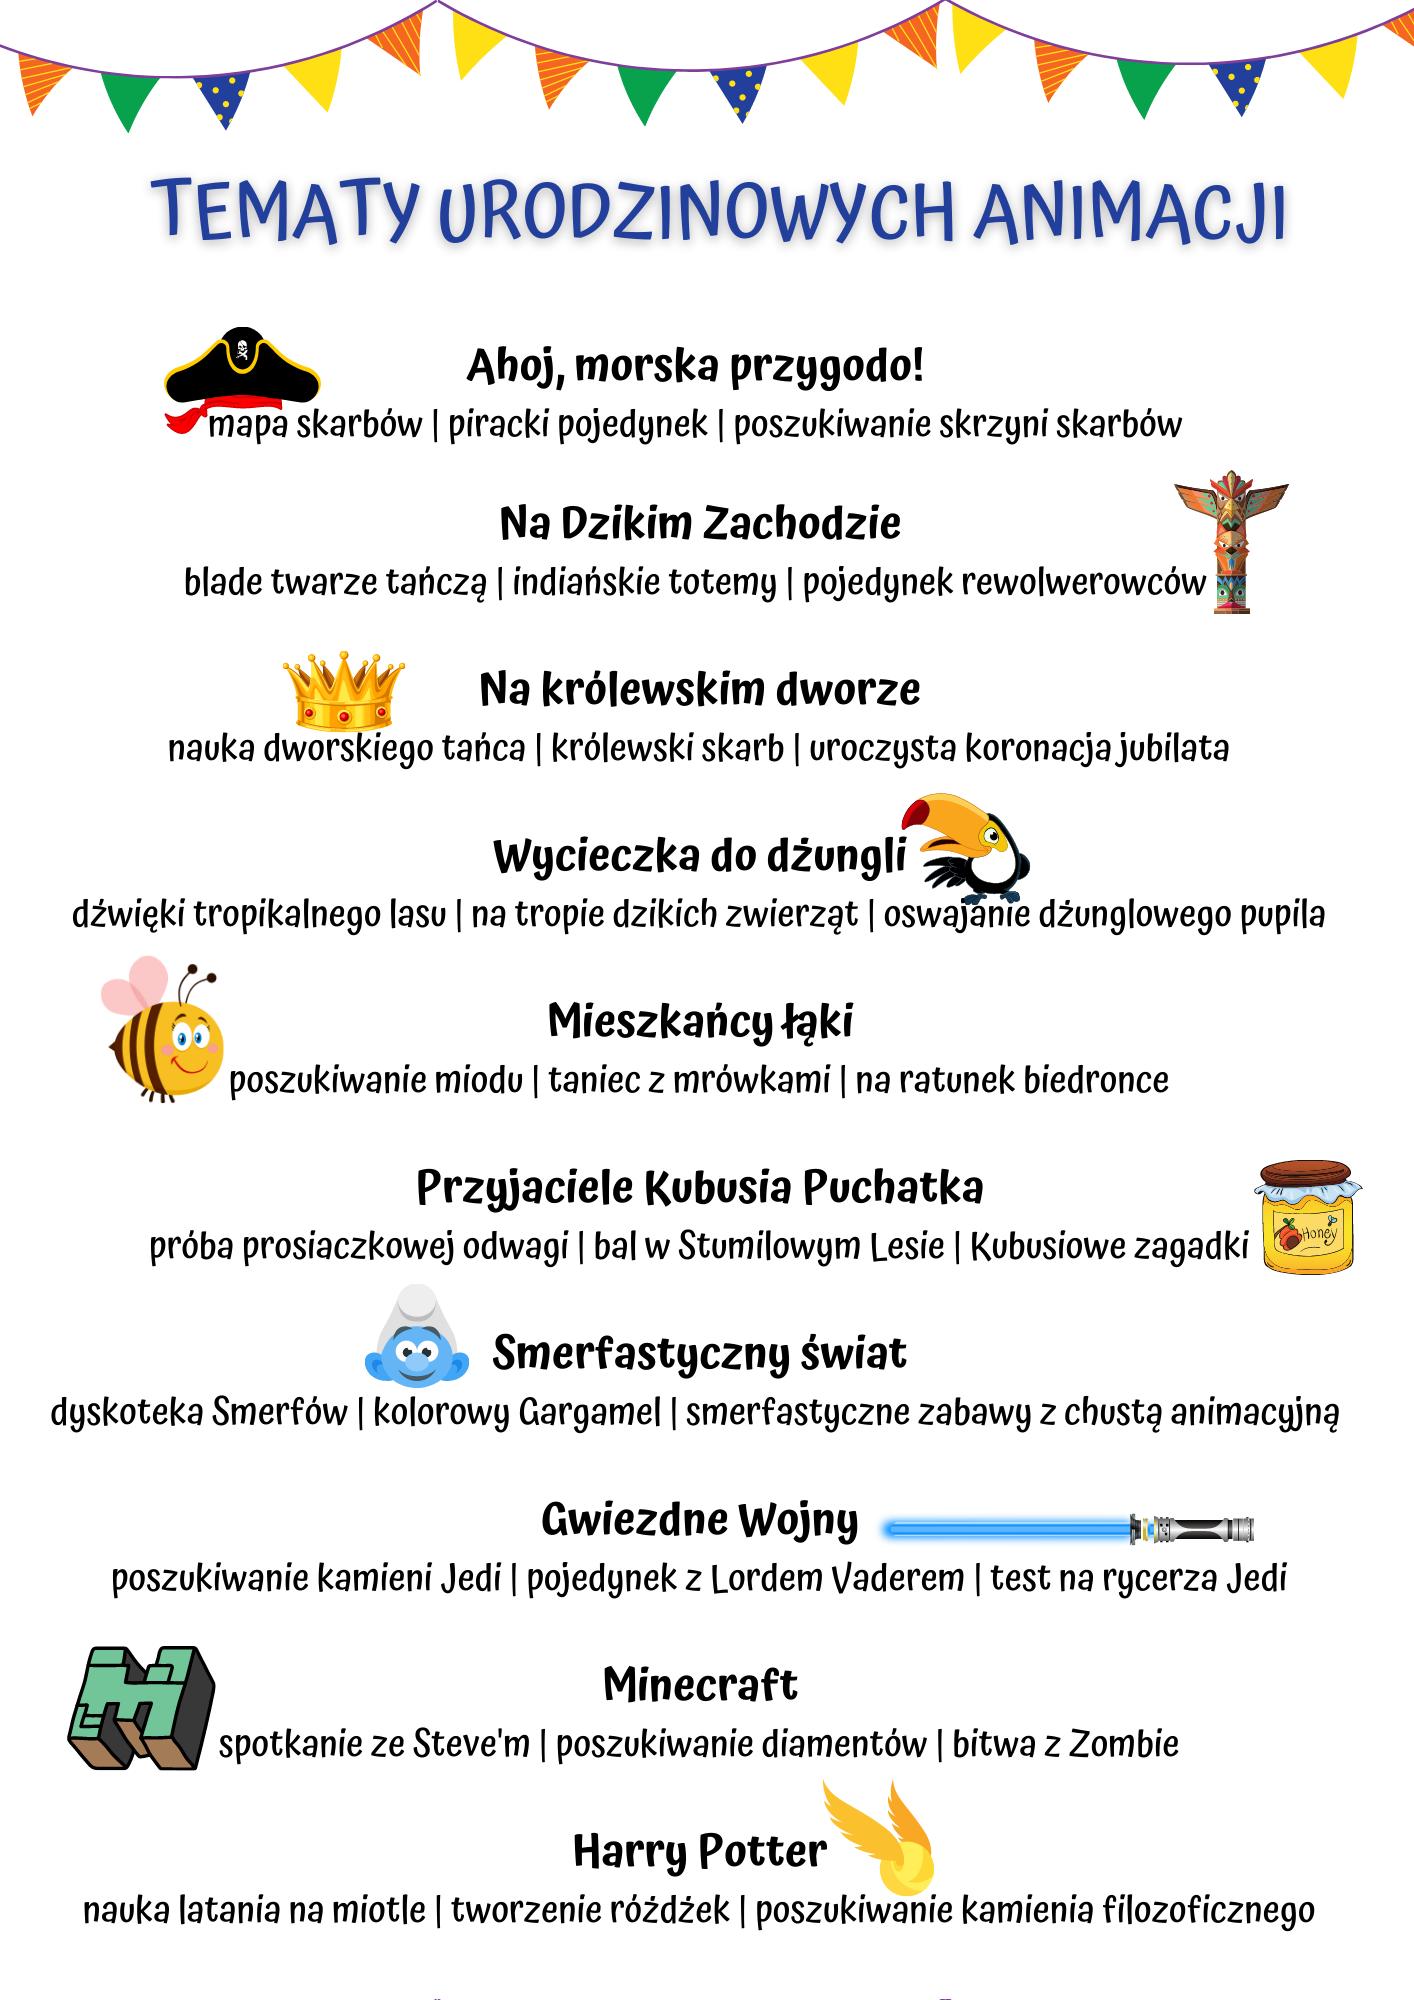 Urodziny Dla Dzieci Poznań - Imprezy Z Animatorem W Poznaniu I Okolicy zdjęcie nr 9